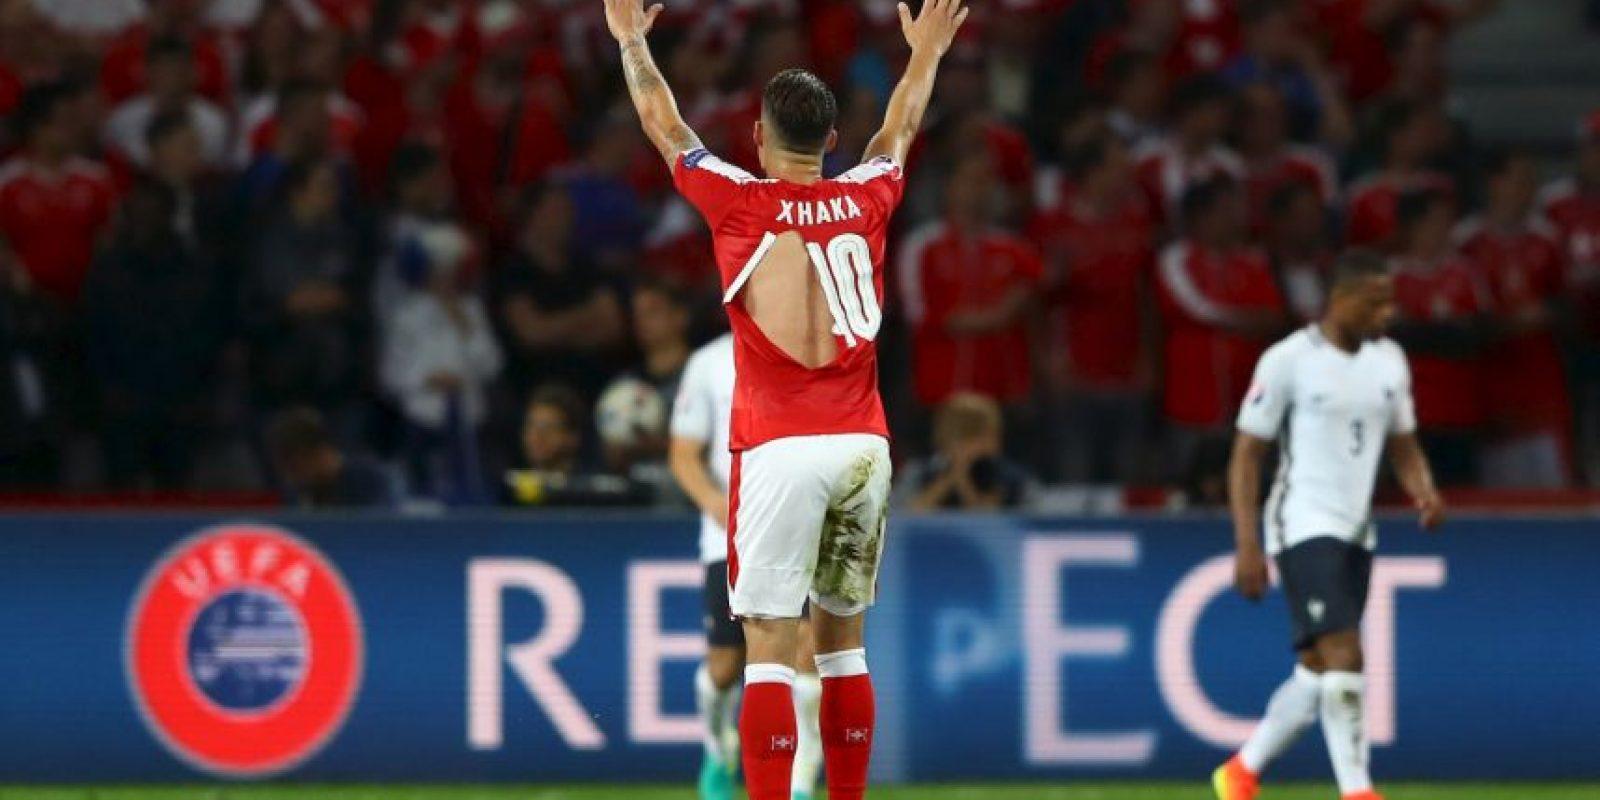 Las camisetas de la selección de Suiza sufrieron y hasta siete jugadores tuvieron que cambiarlas luego que se rompieran Foto:Getty images